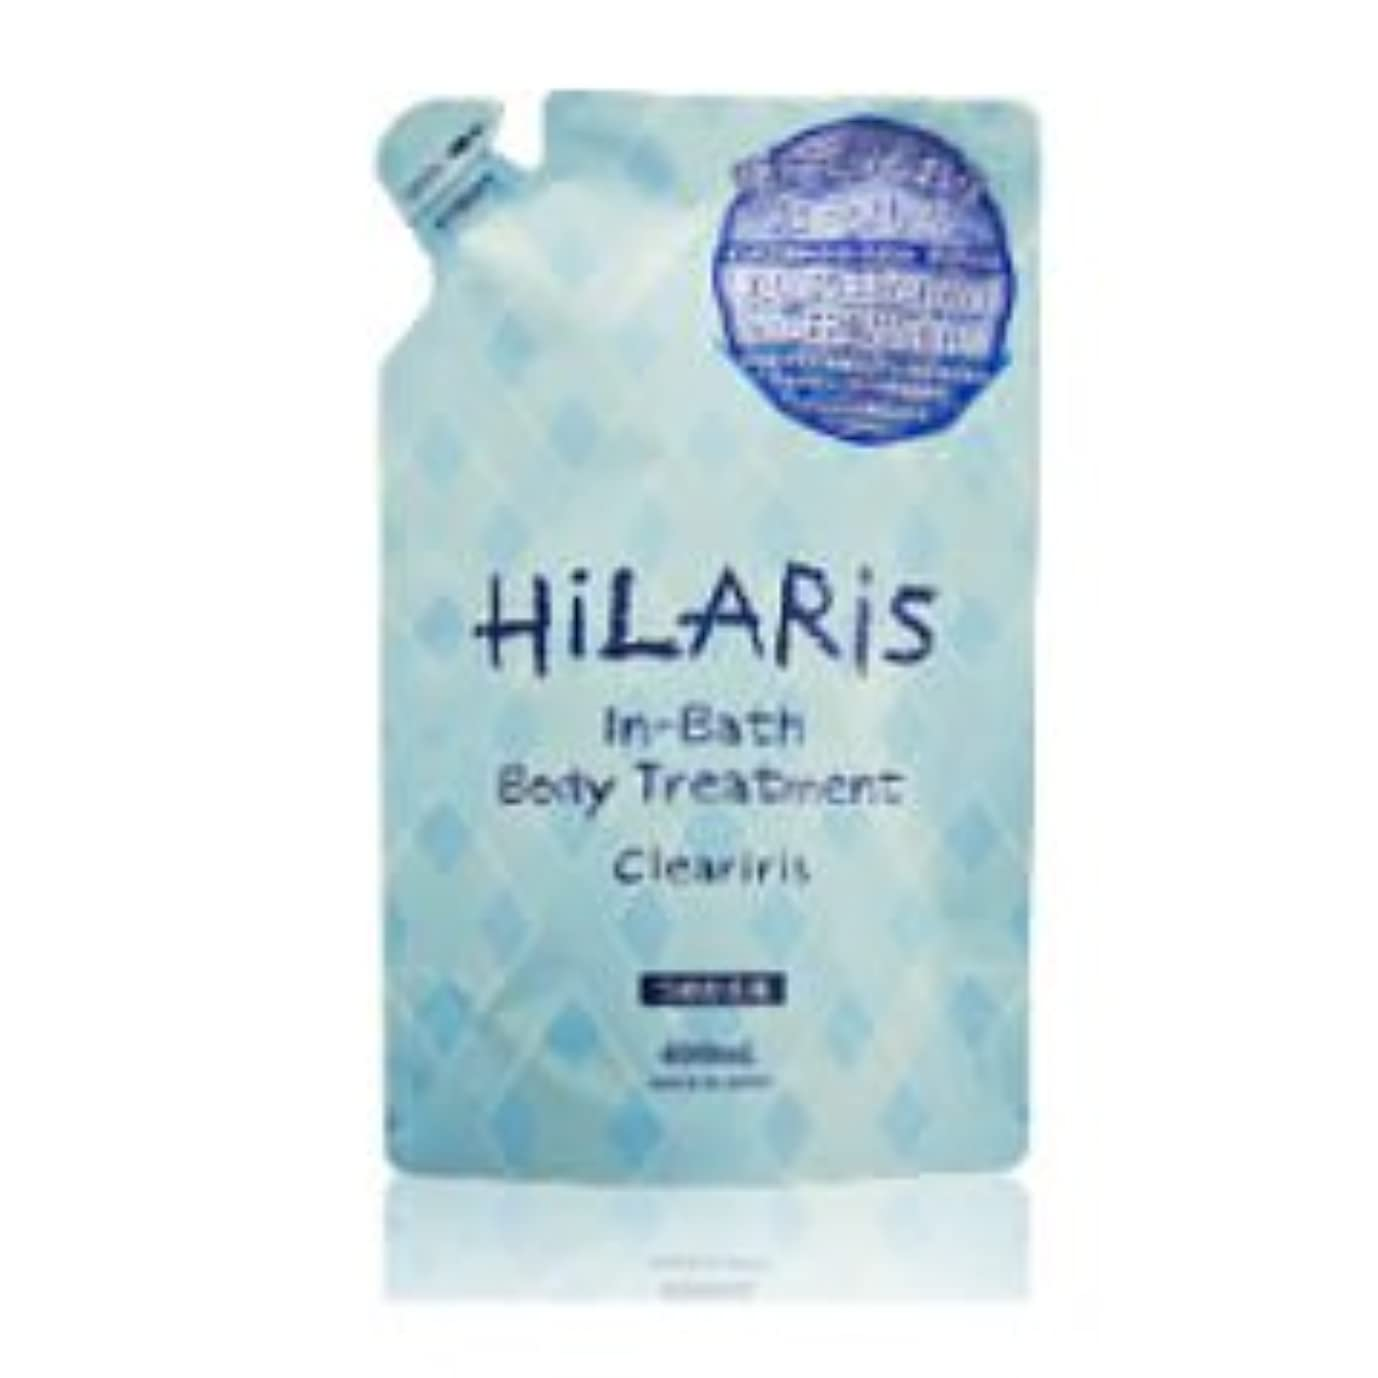 ぼかしコントラストコンプリートヒラリス(HiLARiS)クリアイリスインバスボディトリートメント詰替